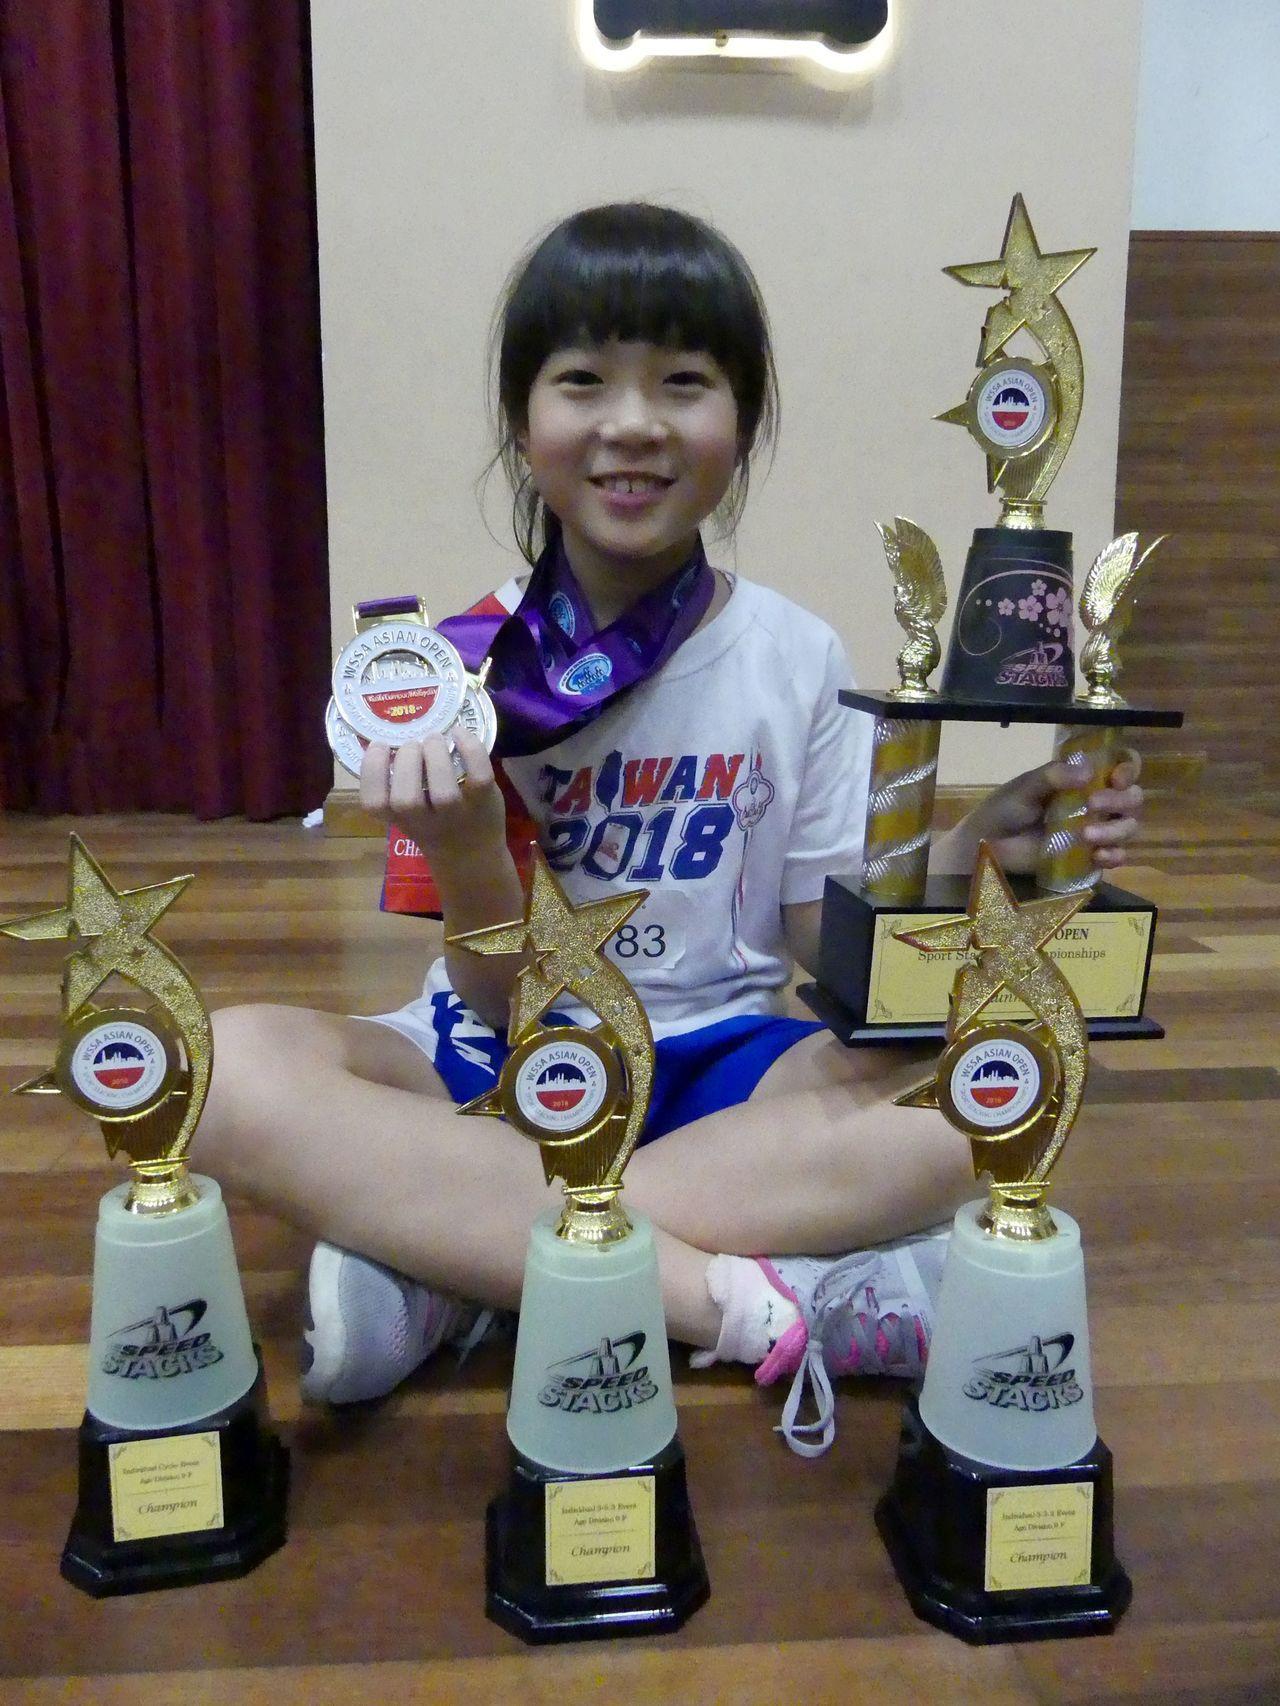 「台灣疊杯小甜心」張瑜庭參加的所有項目都是冠軍,個人貢獻8面金牌,更和媽媽吳英蕙...